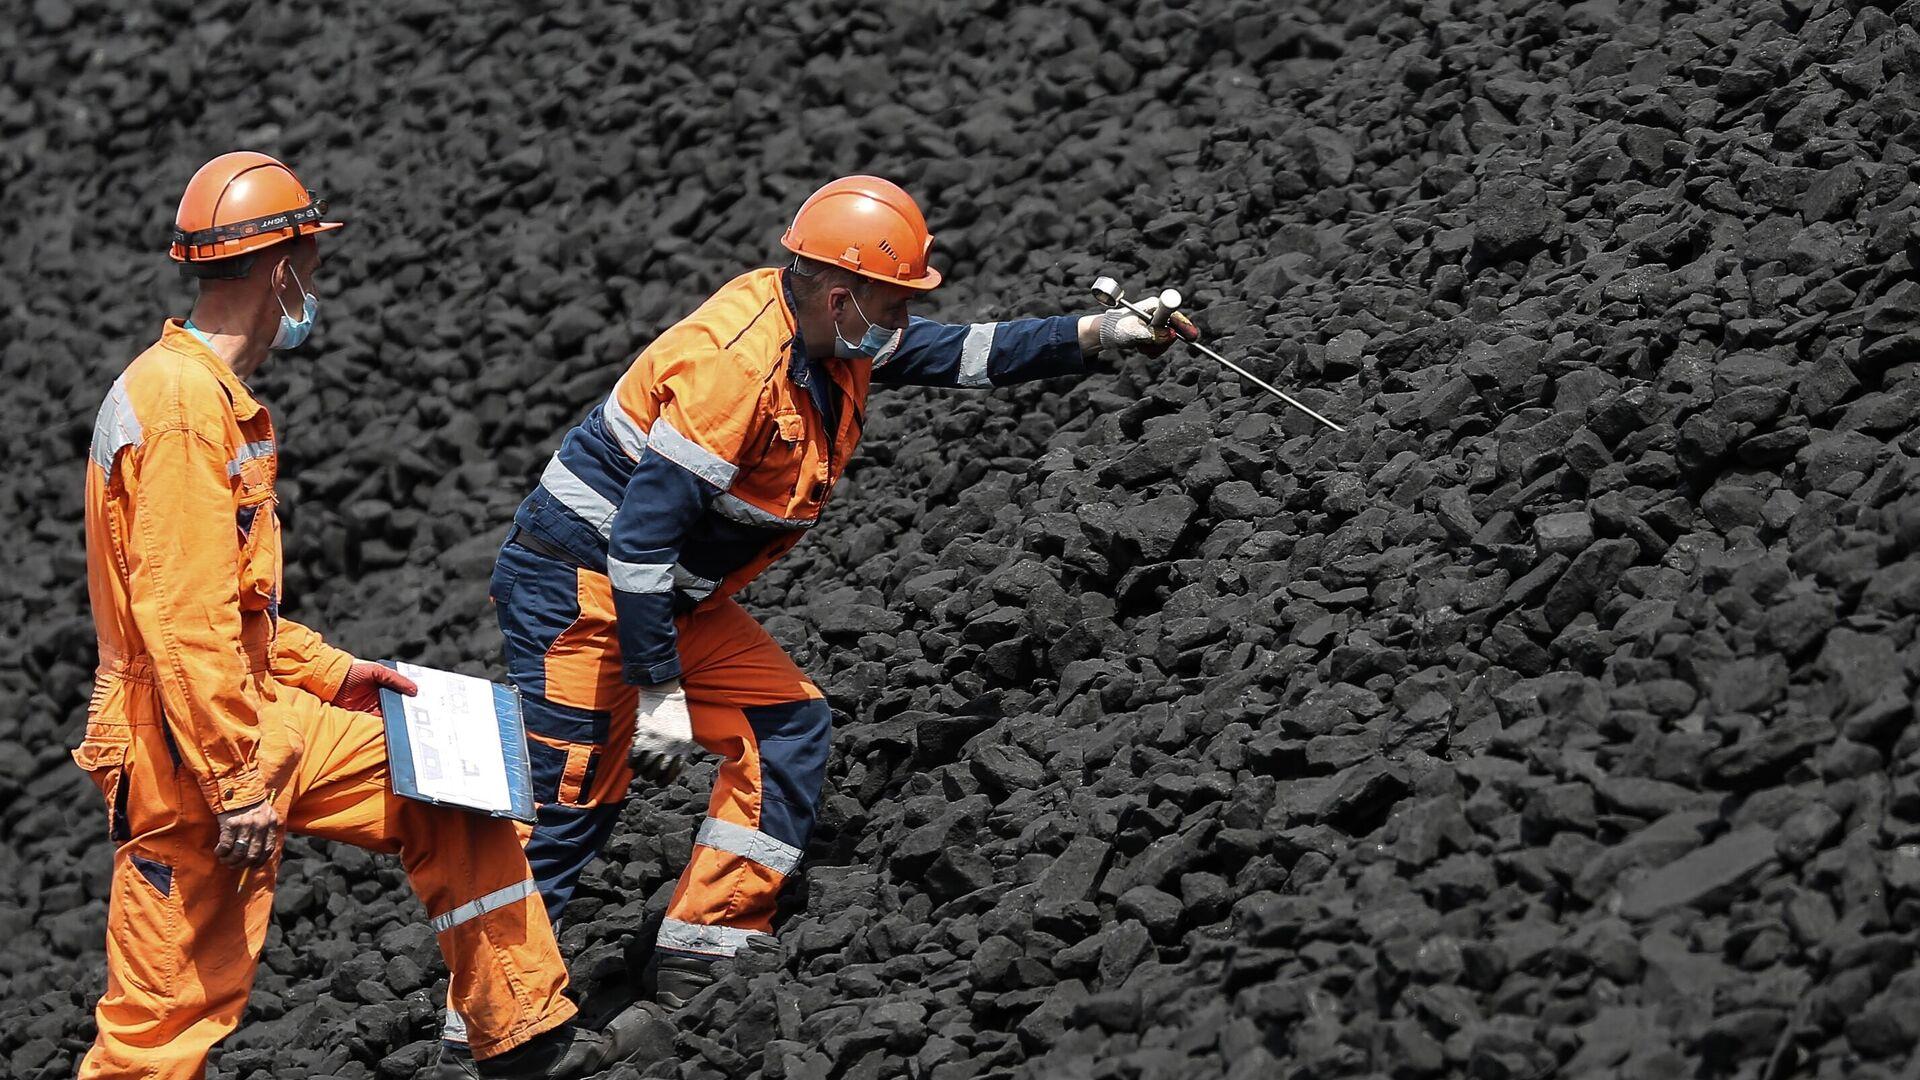 Рабочие производят замеры температуры угля на складе Таманского терминала навалочных грузов - РИА Новости, 1920, 07.10.2021